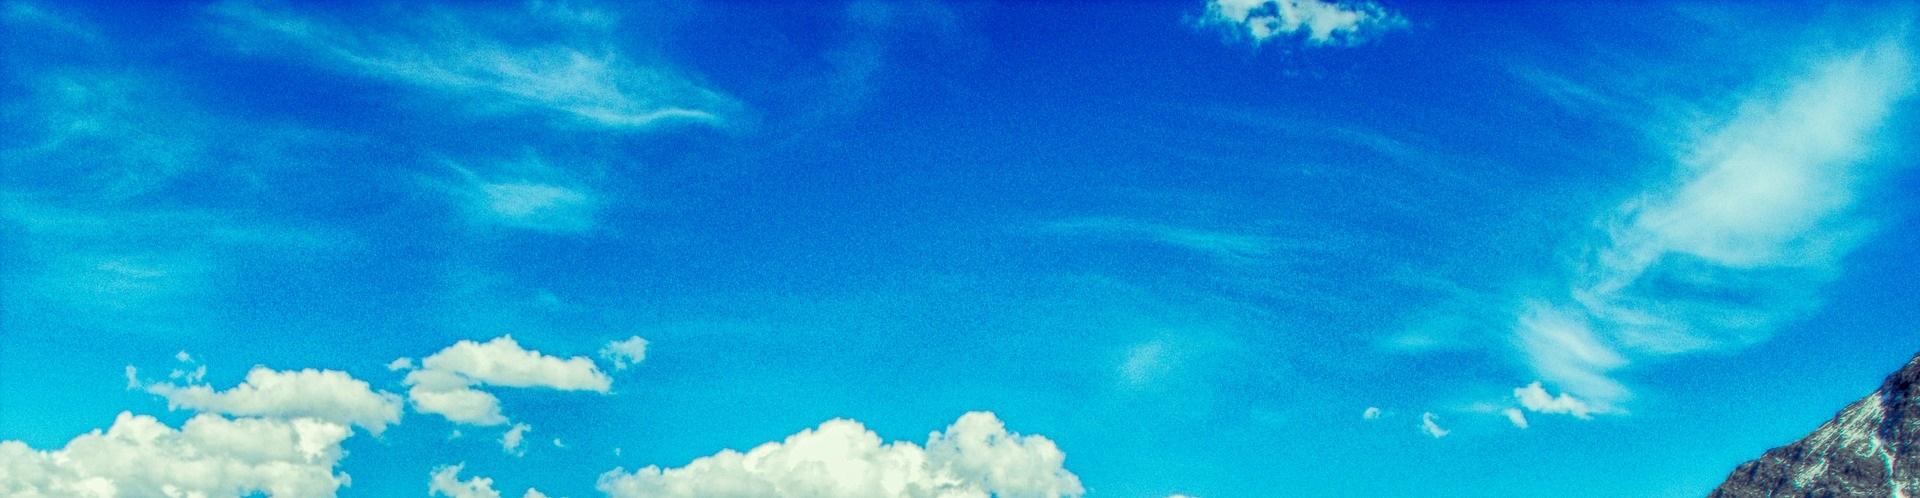 Blå himmel och några vita moln.